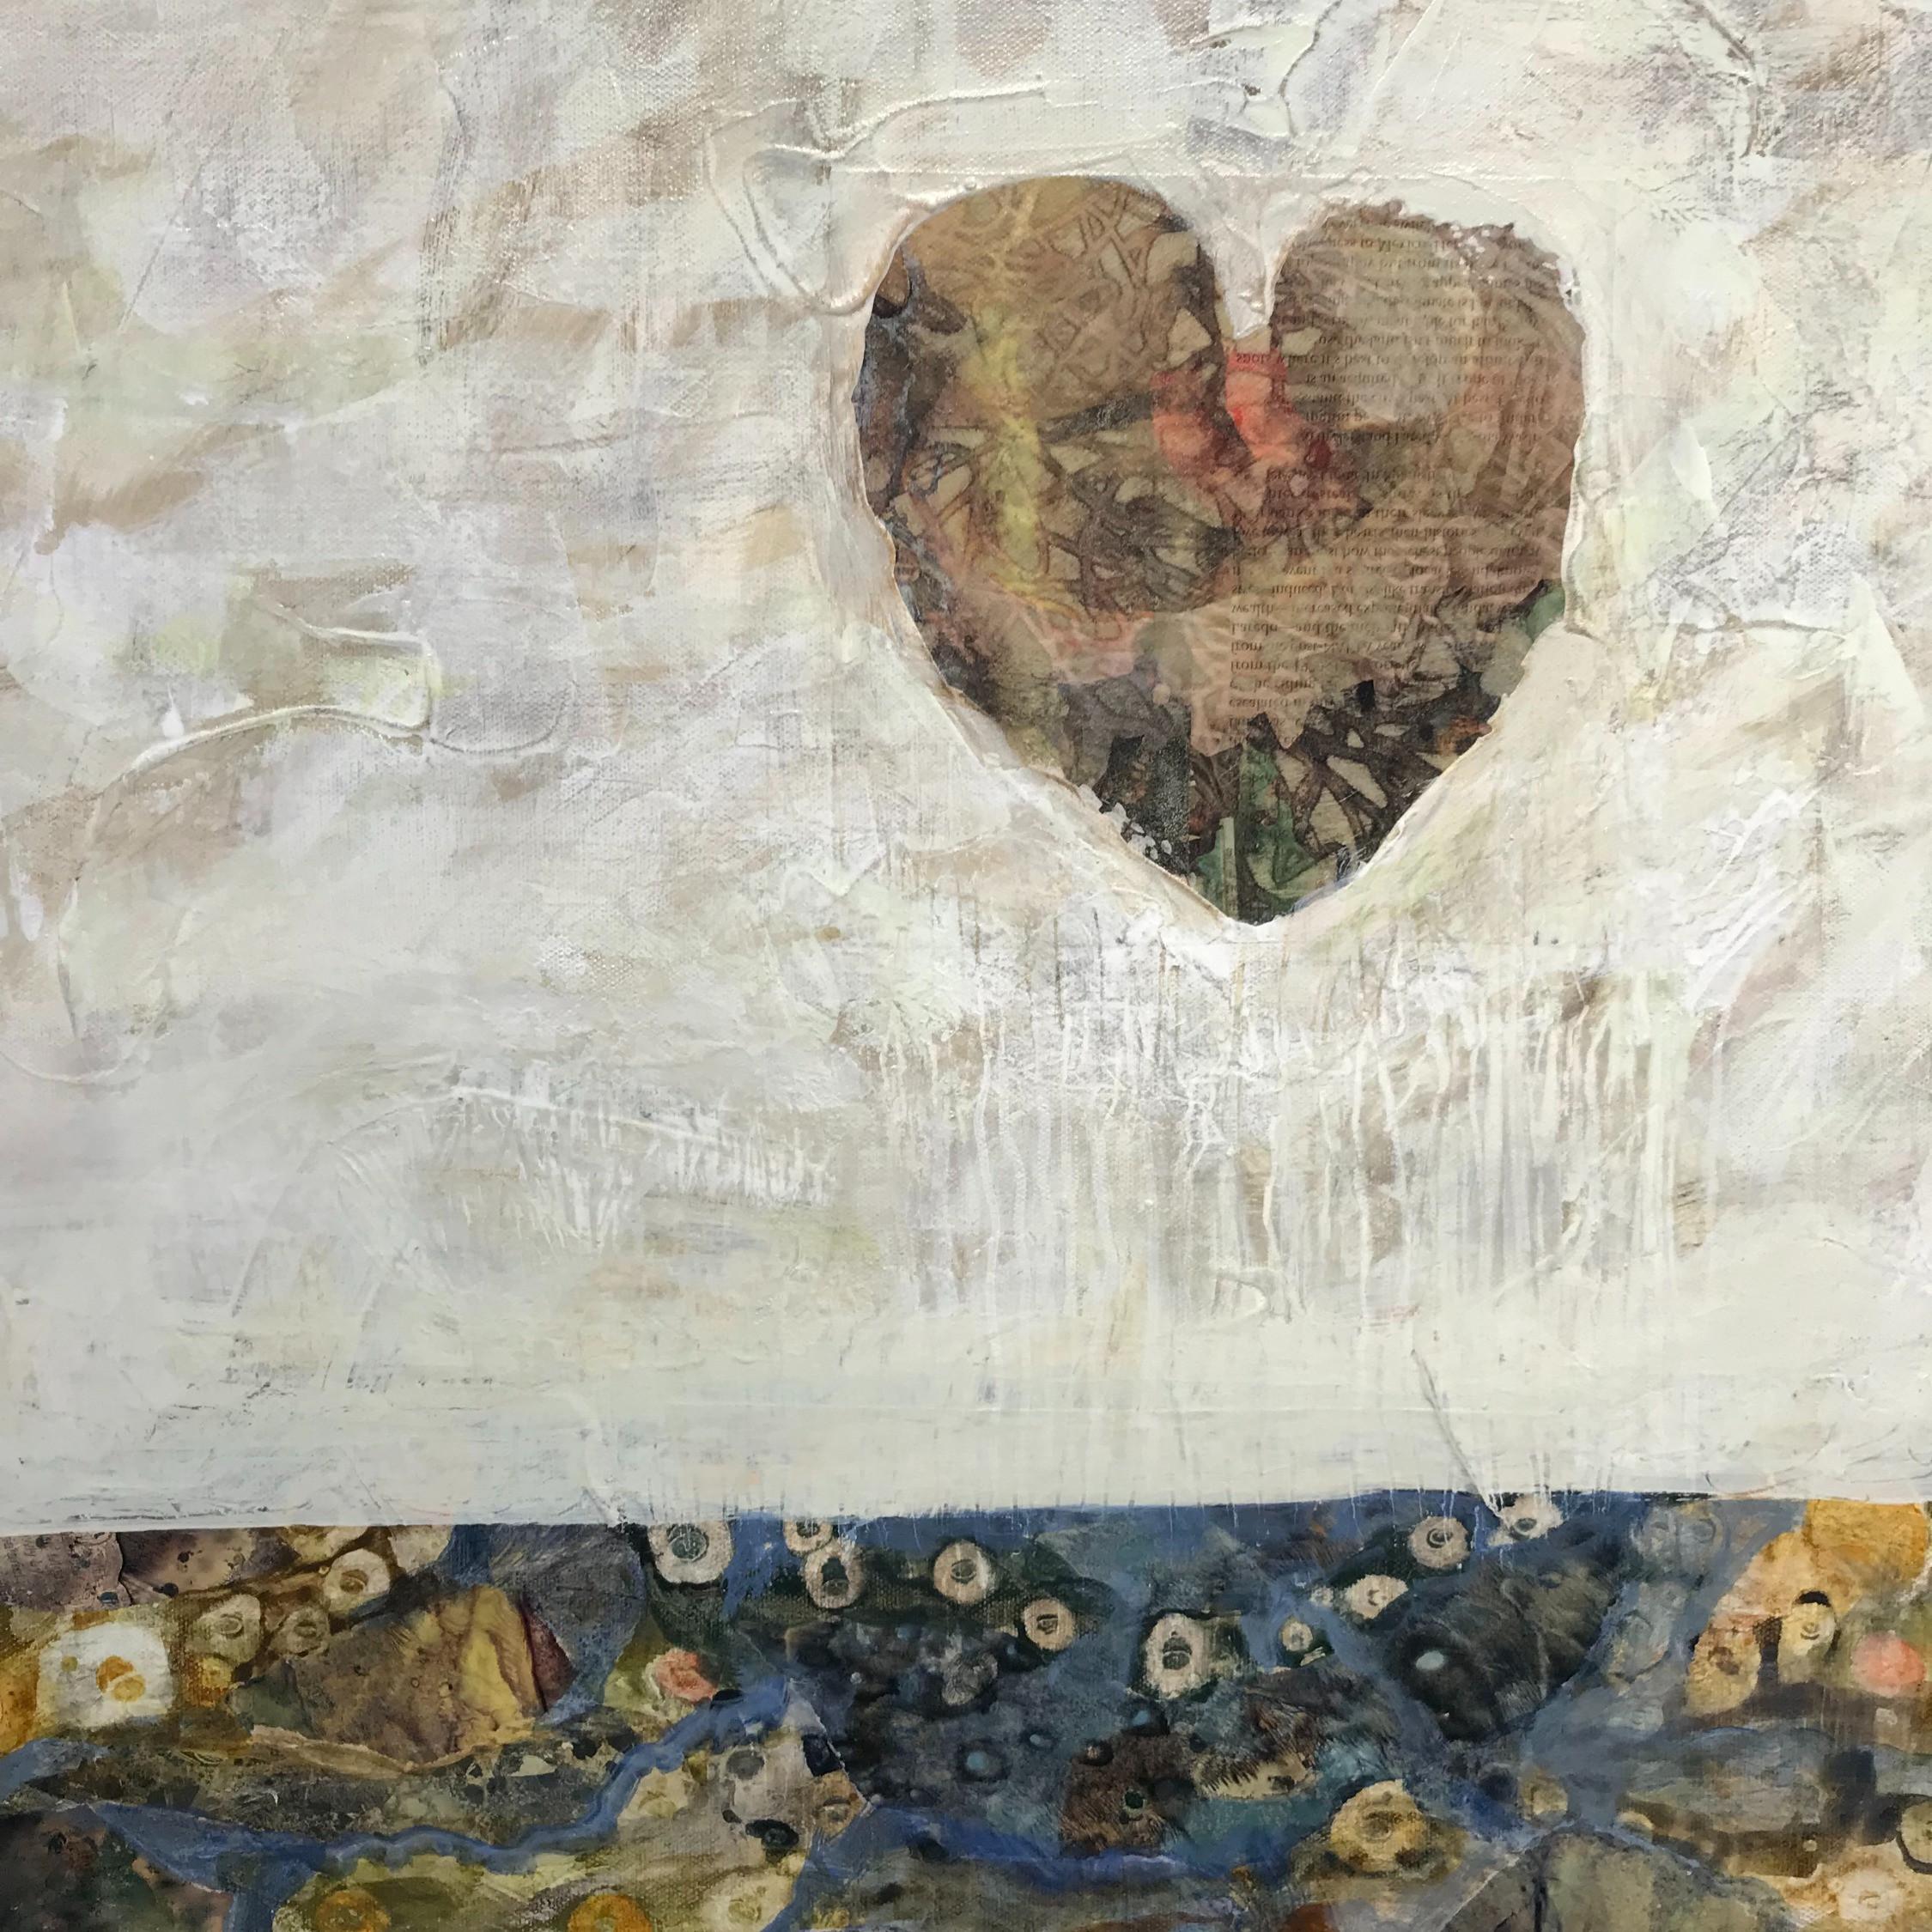 Open Heart Art - July 24 & 25